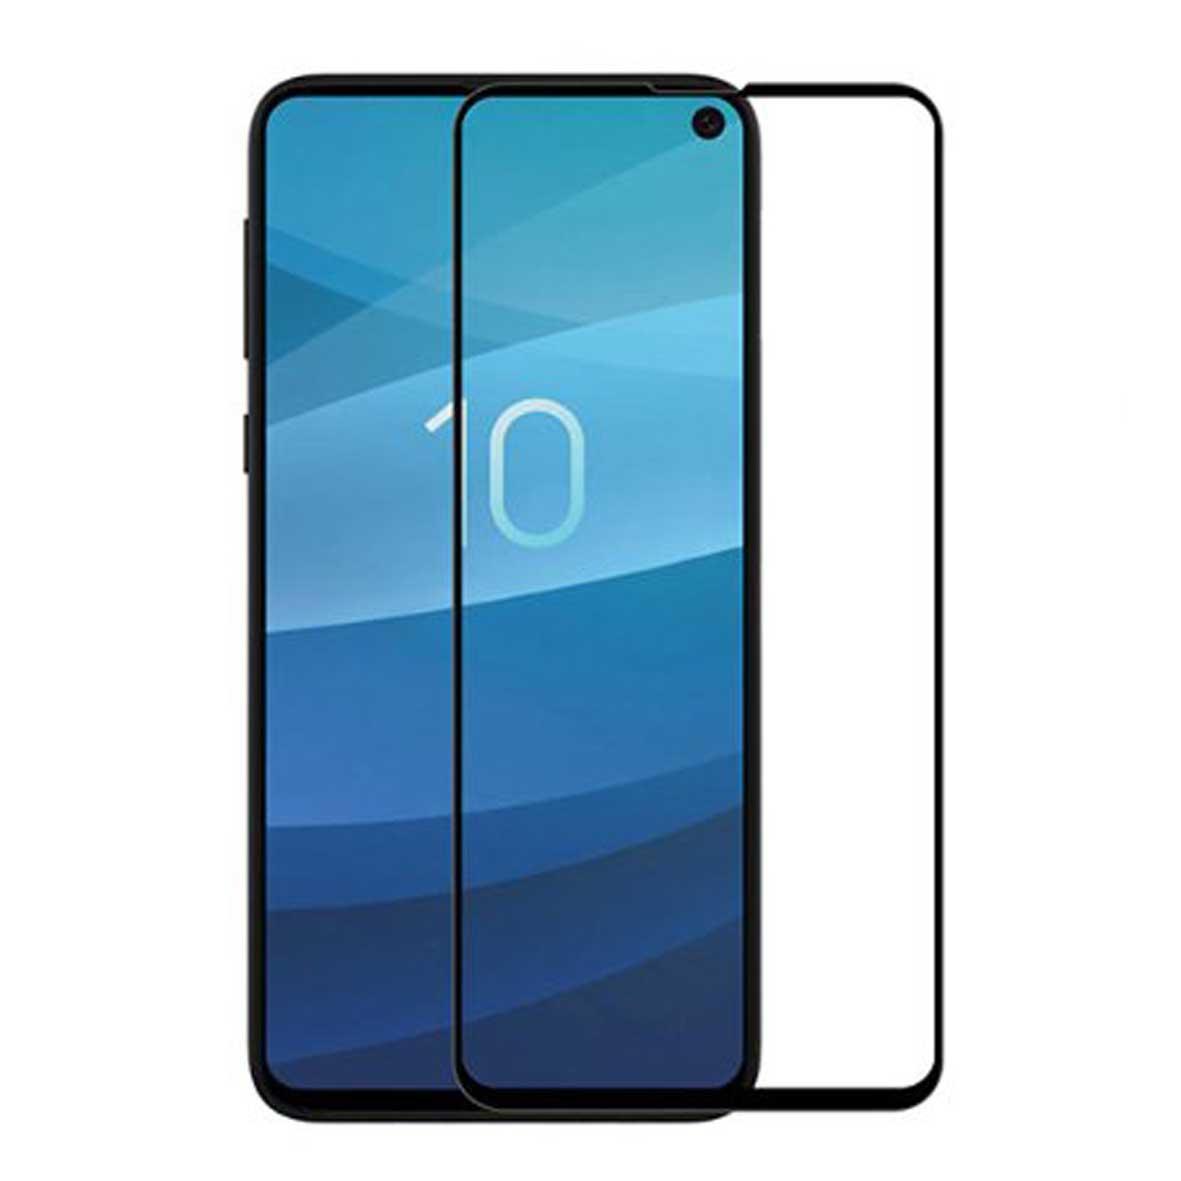 محافظ صفحه نمایش مدل 106884 مناسب برای گوشی موبایل سامسونگ Galaxy S10E